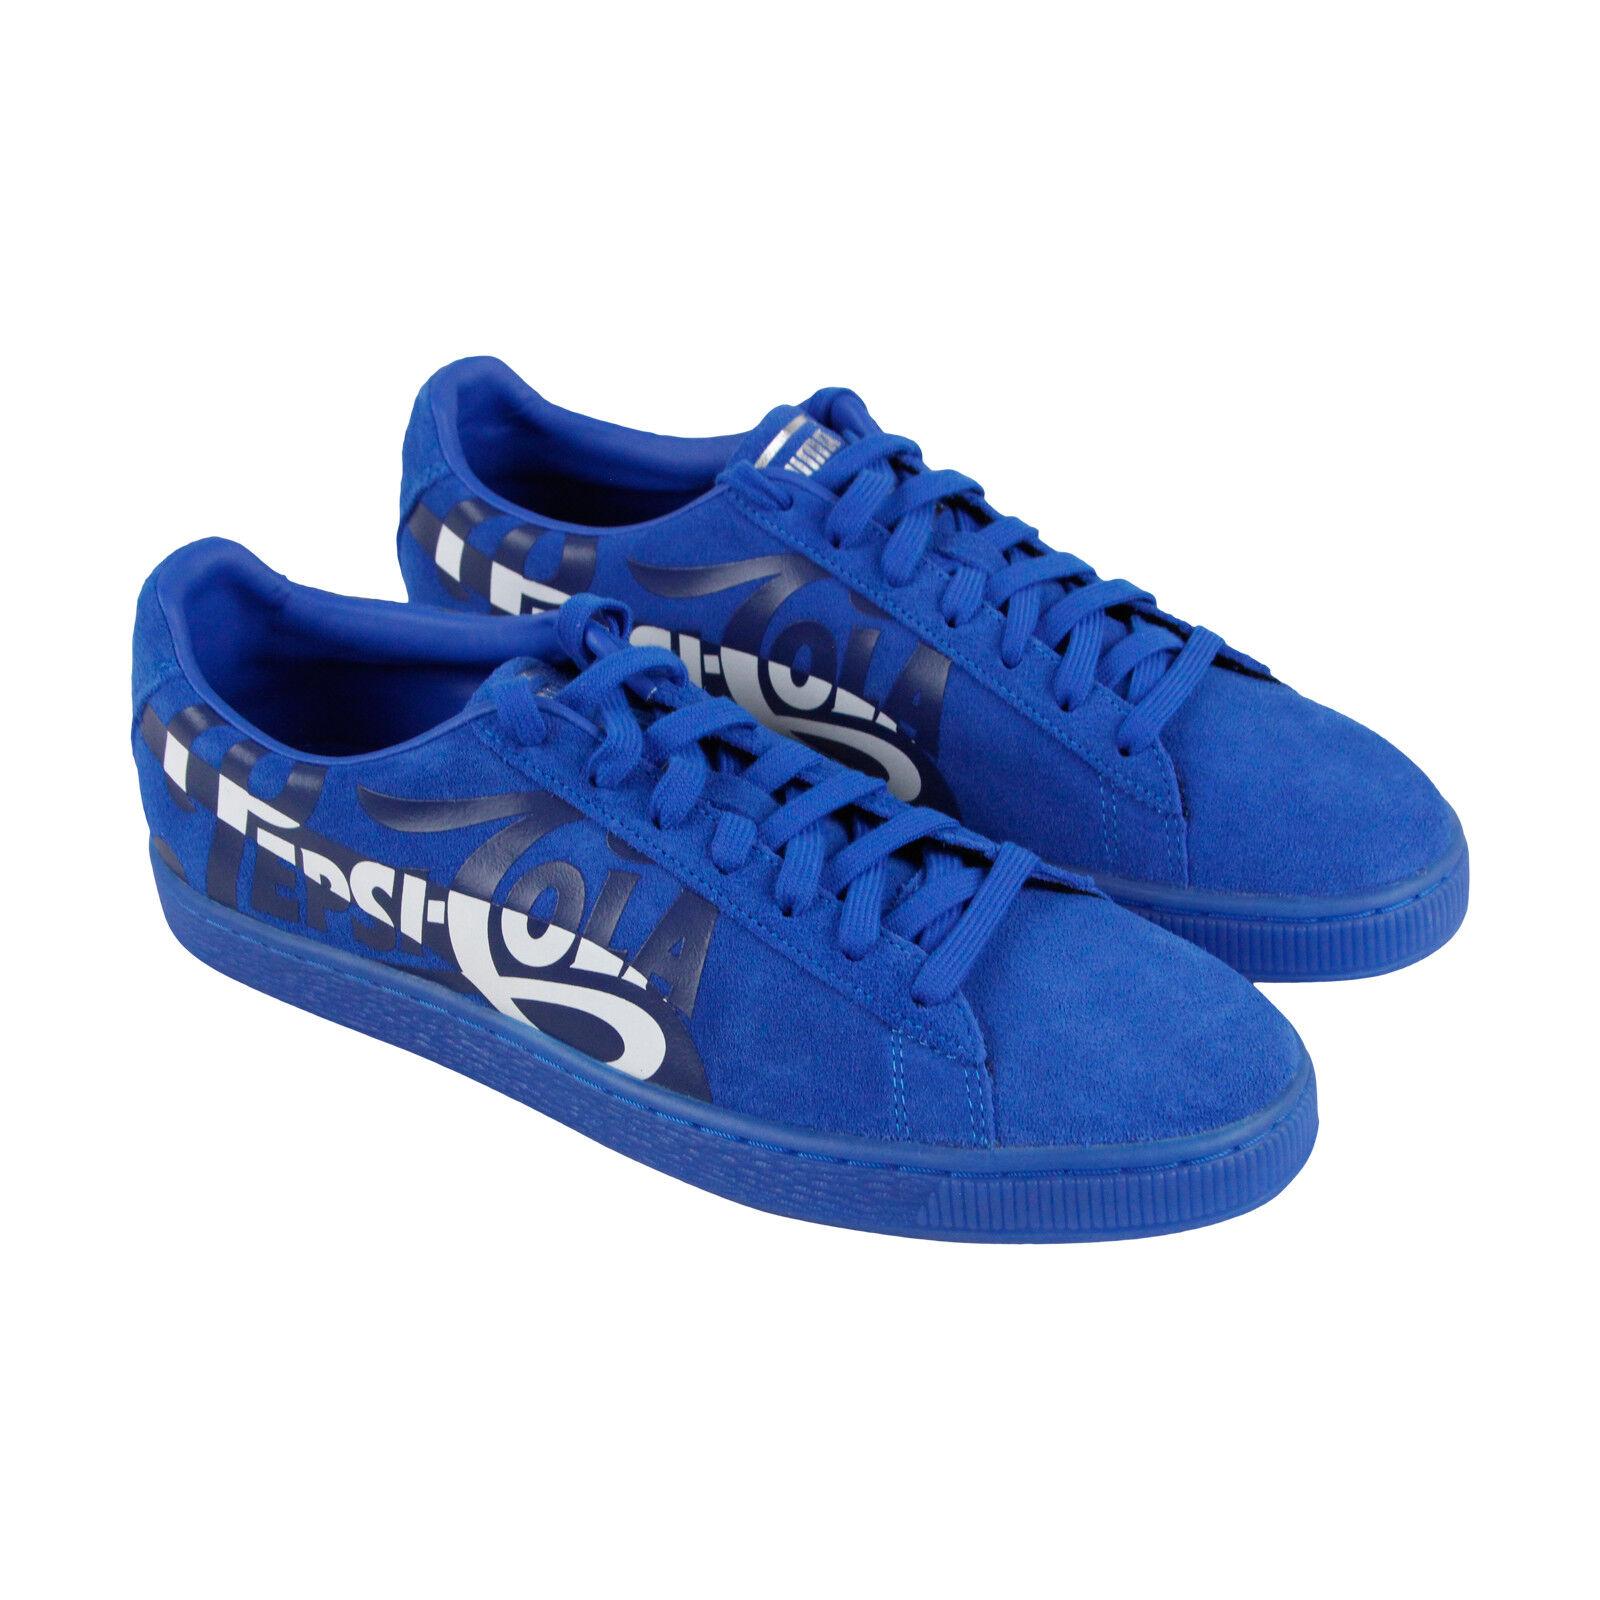 Puma Suede Classic X Pepsi Mens Blau Suede Lace Up Turnschuhe schuhe